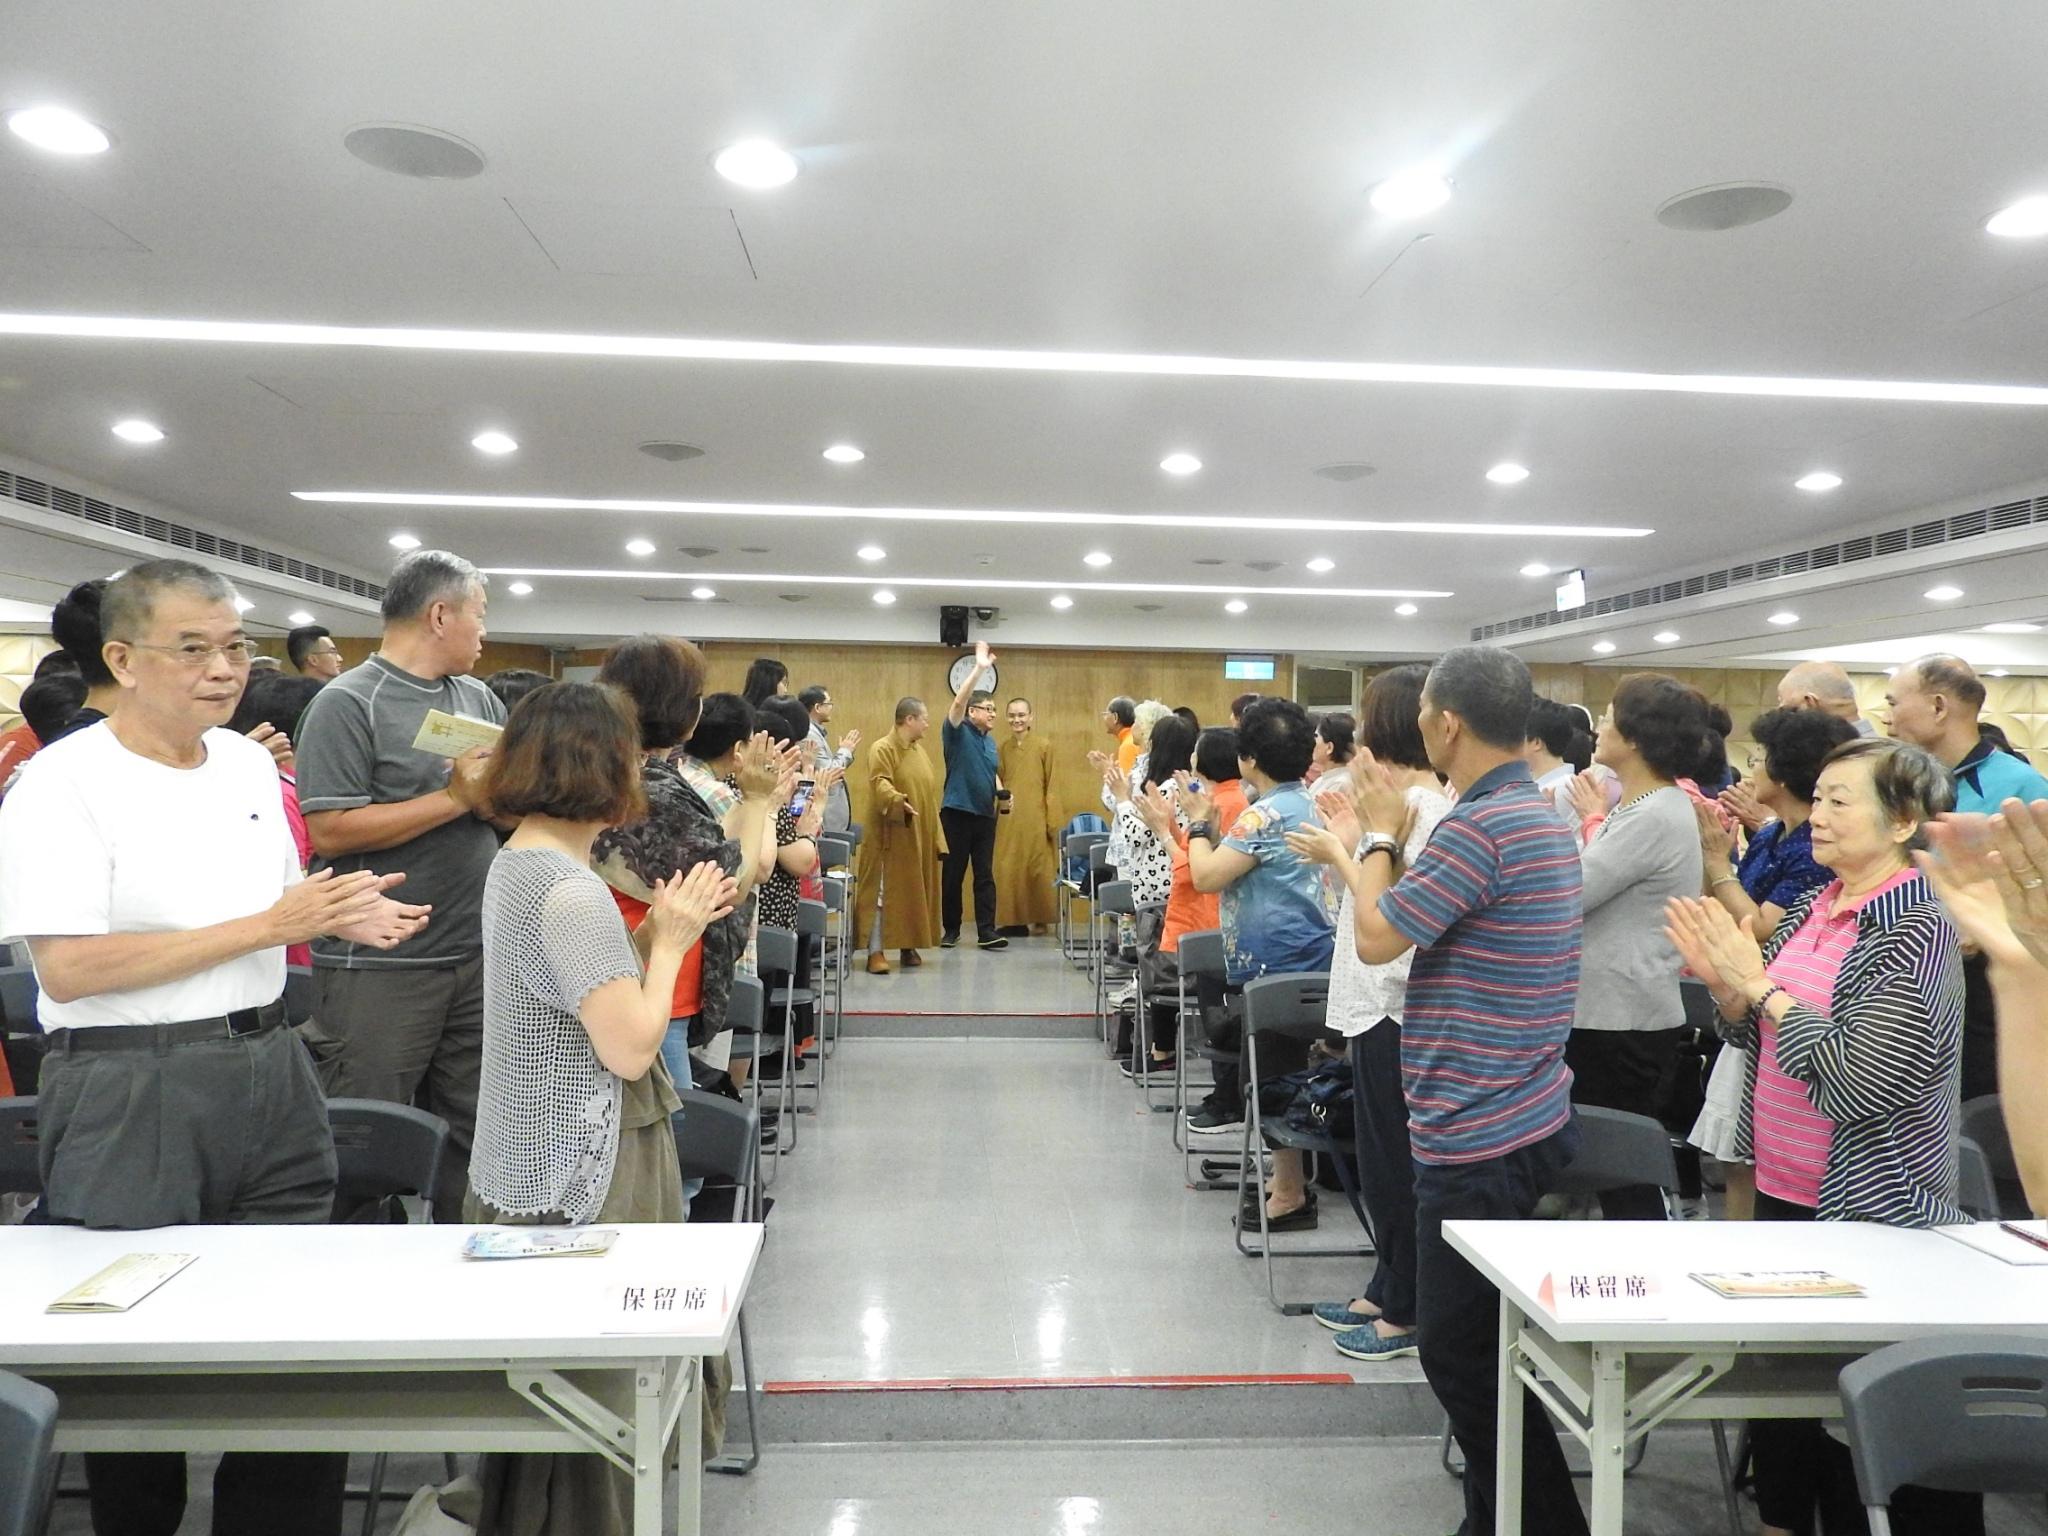 傳播媒體 可以救台灣